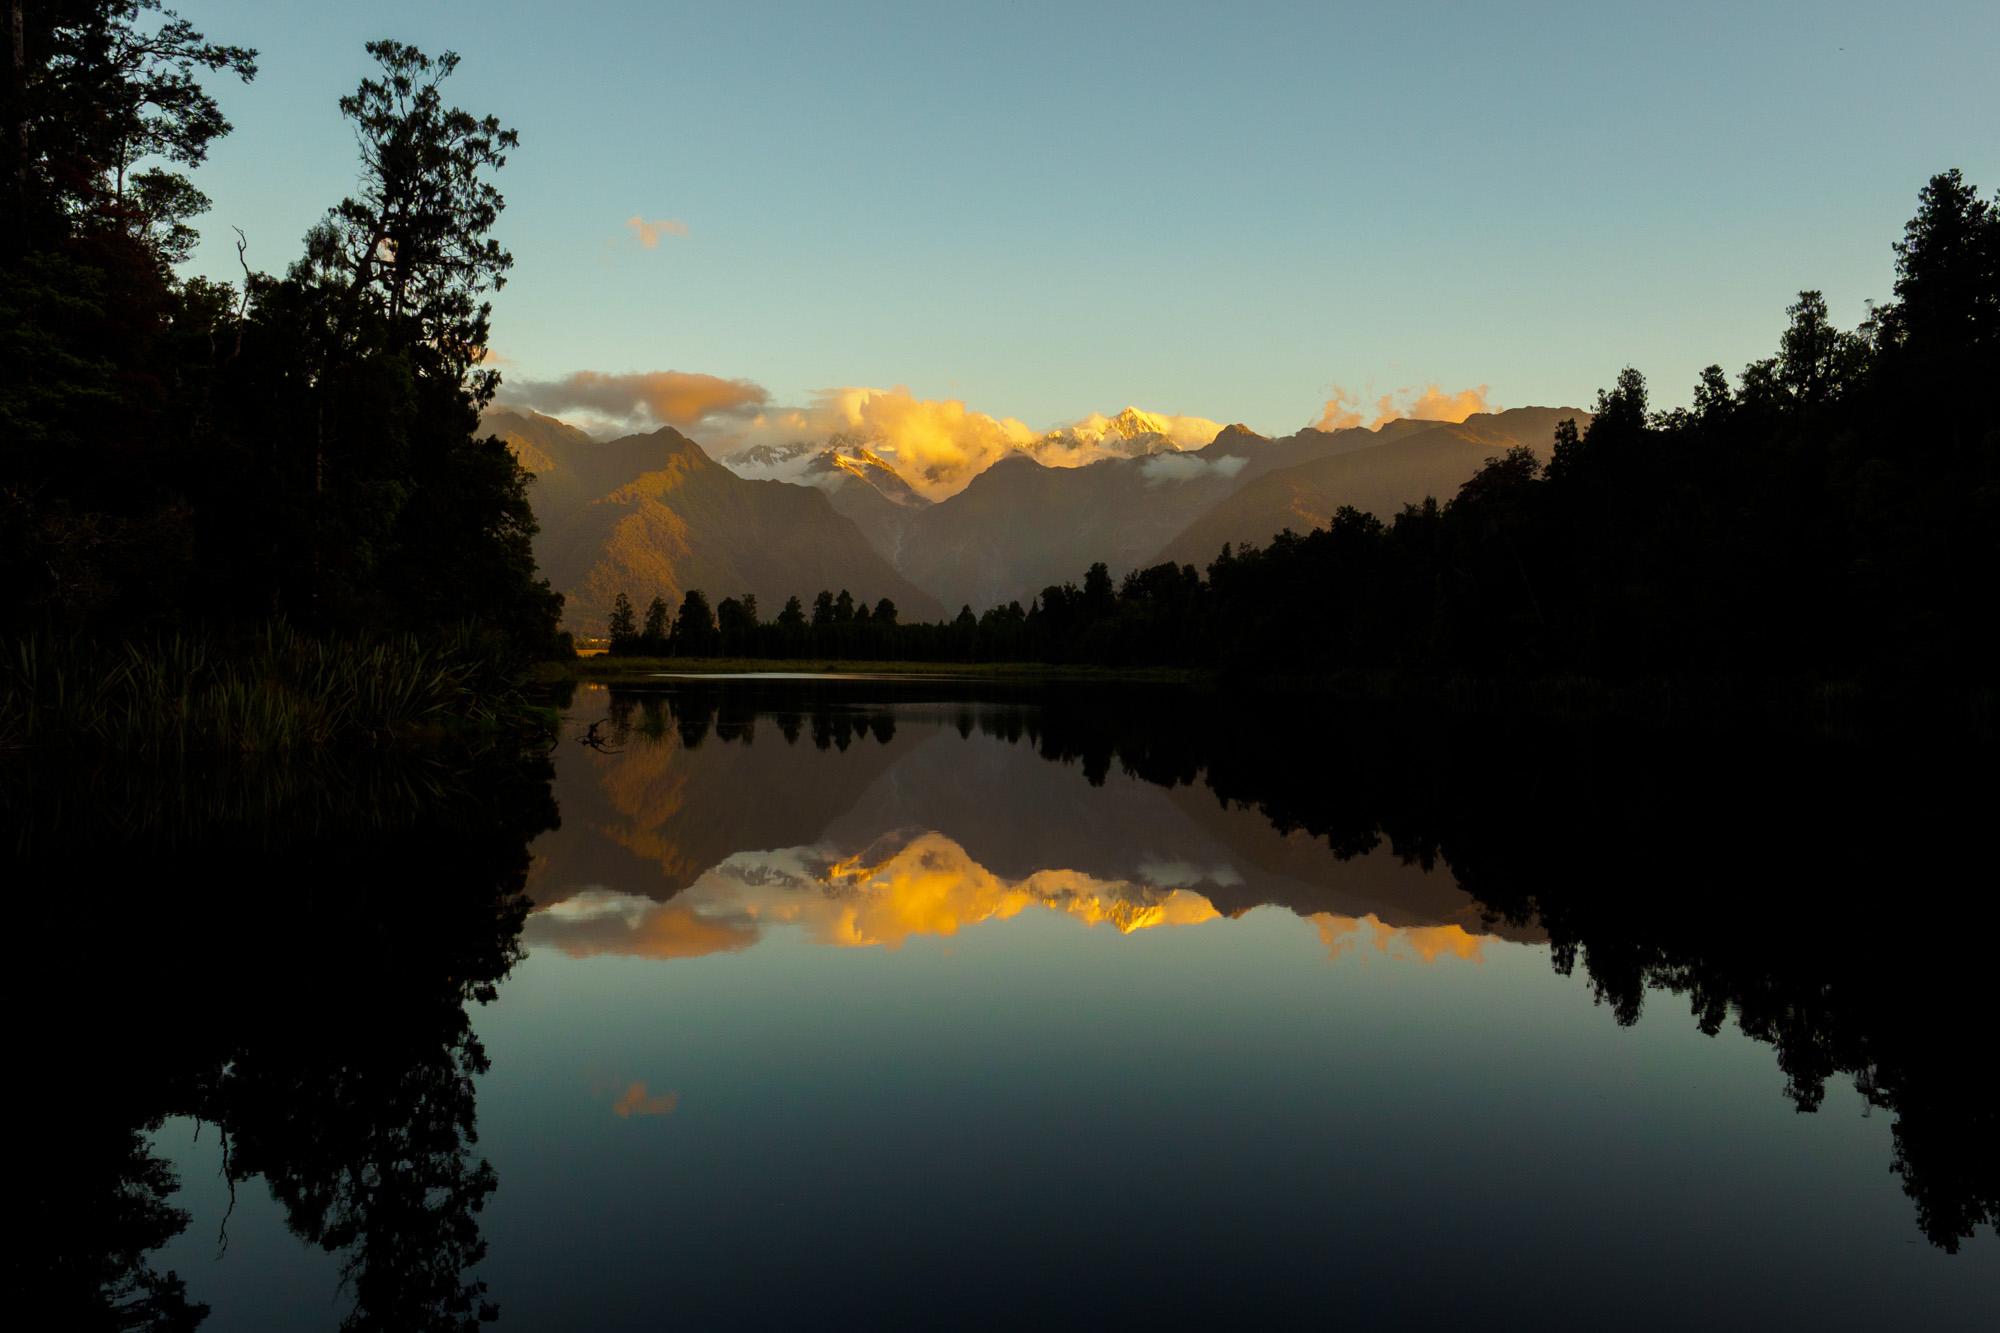 Westküste - Spiegelung des Aoraki Mt Cook am Lake Matheson